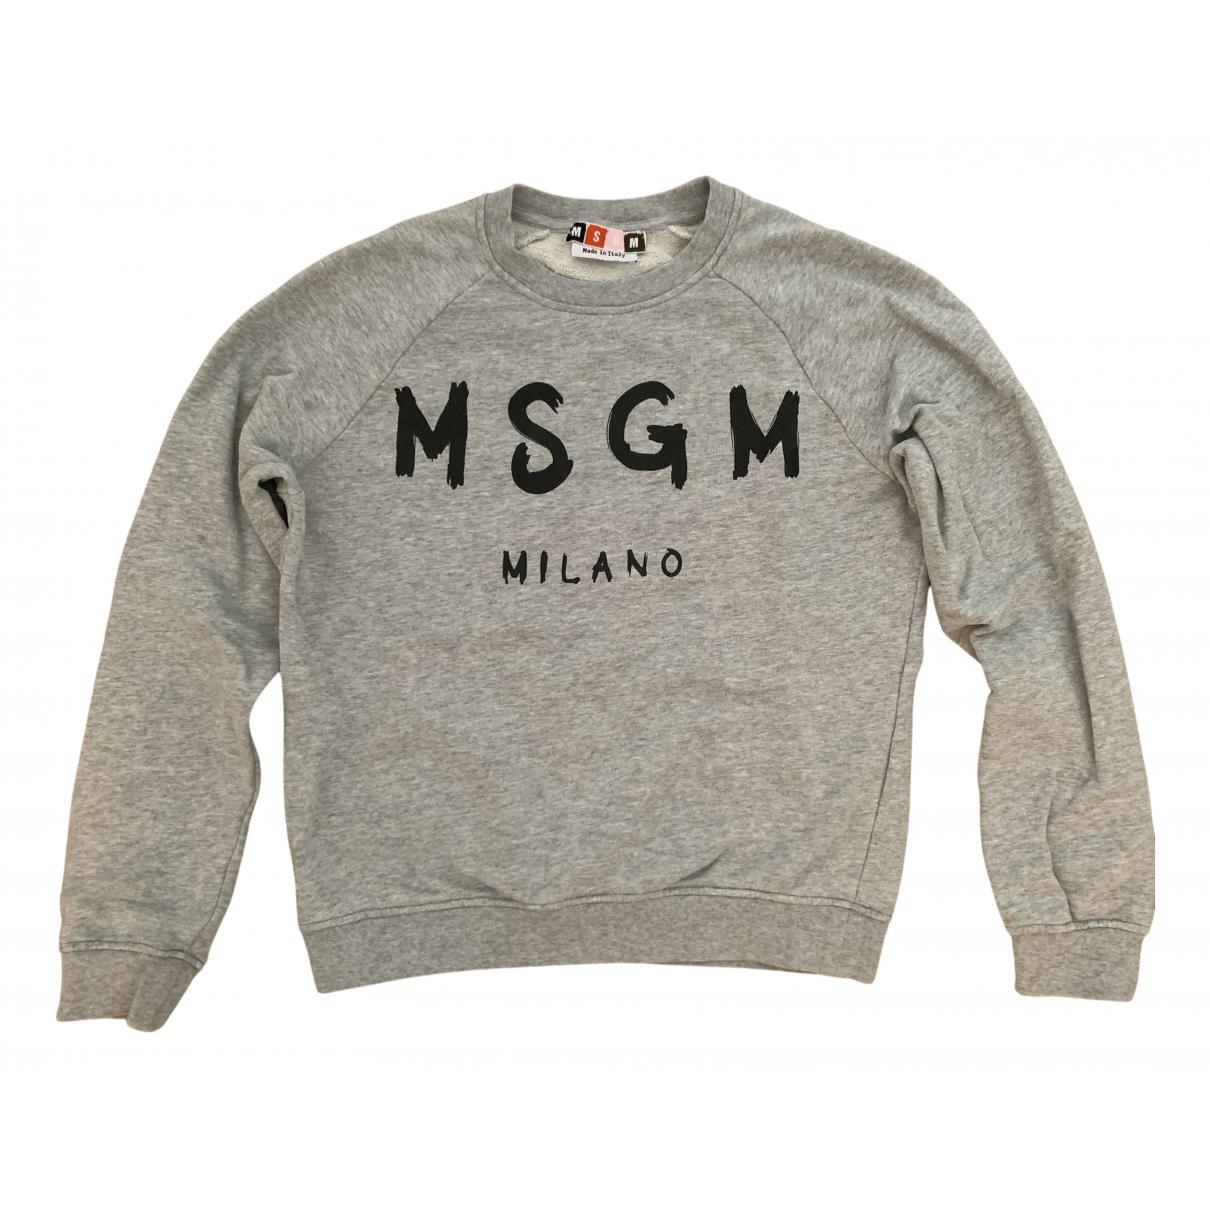 Msgm - Pull   pour femme en coton - gris